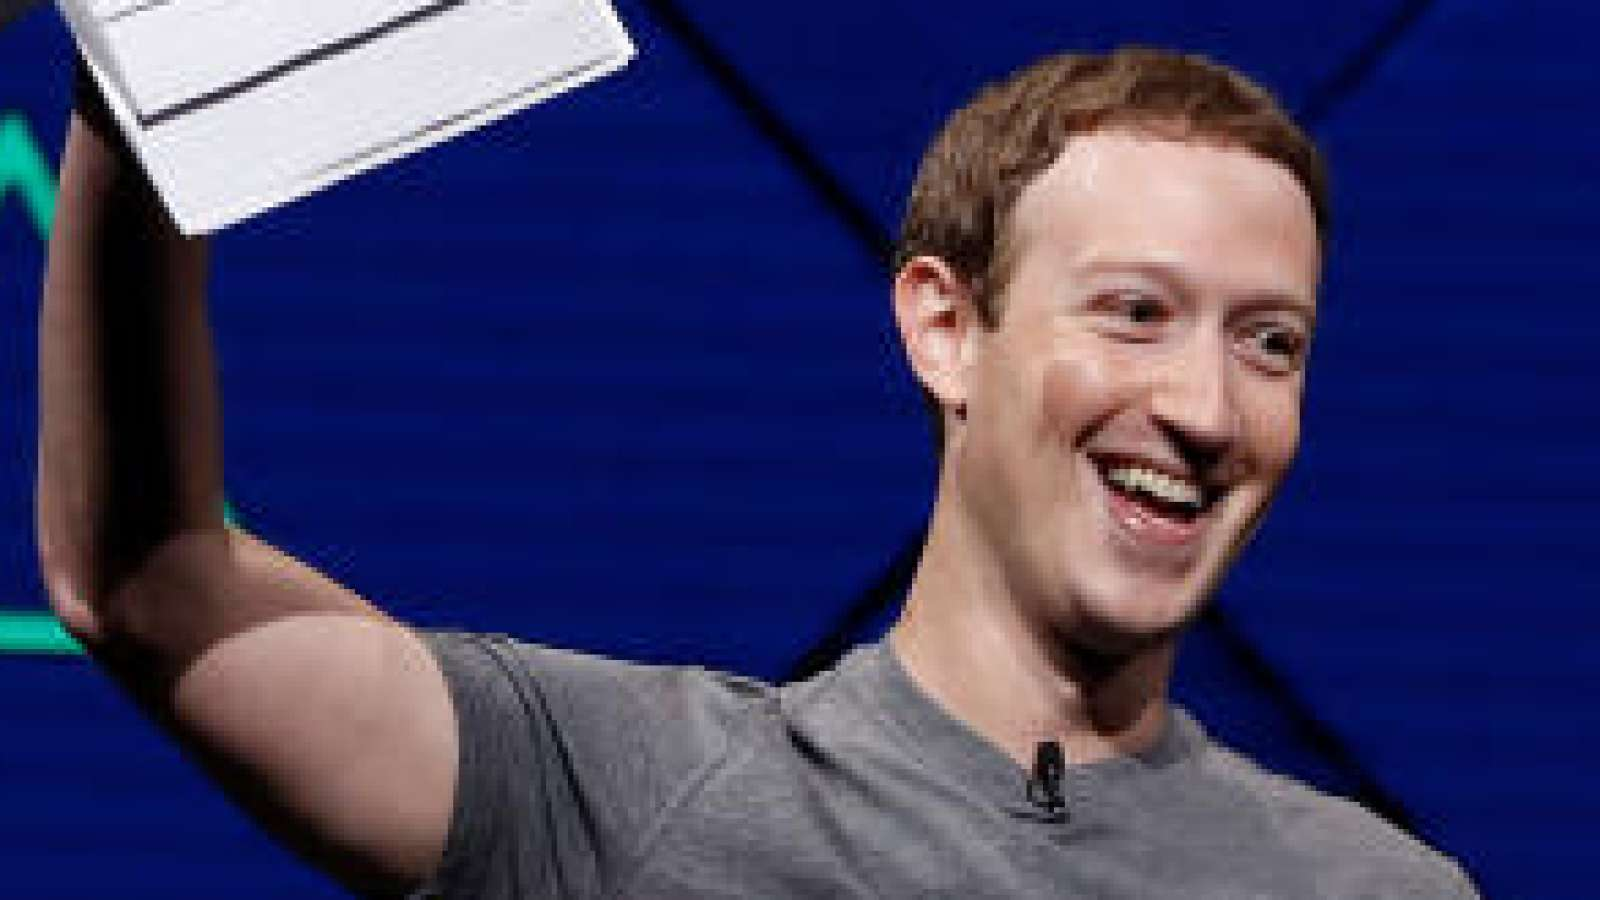 Die Handykamera wird zum neuen Werkzeug für die erweiterte Realität, erklärt Mark Zuckerberg.